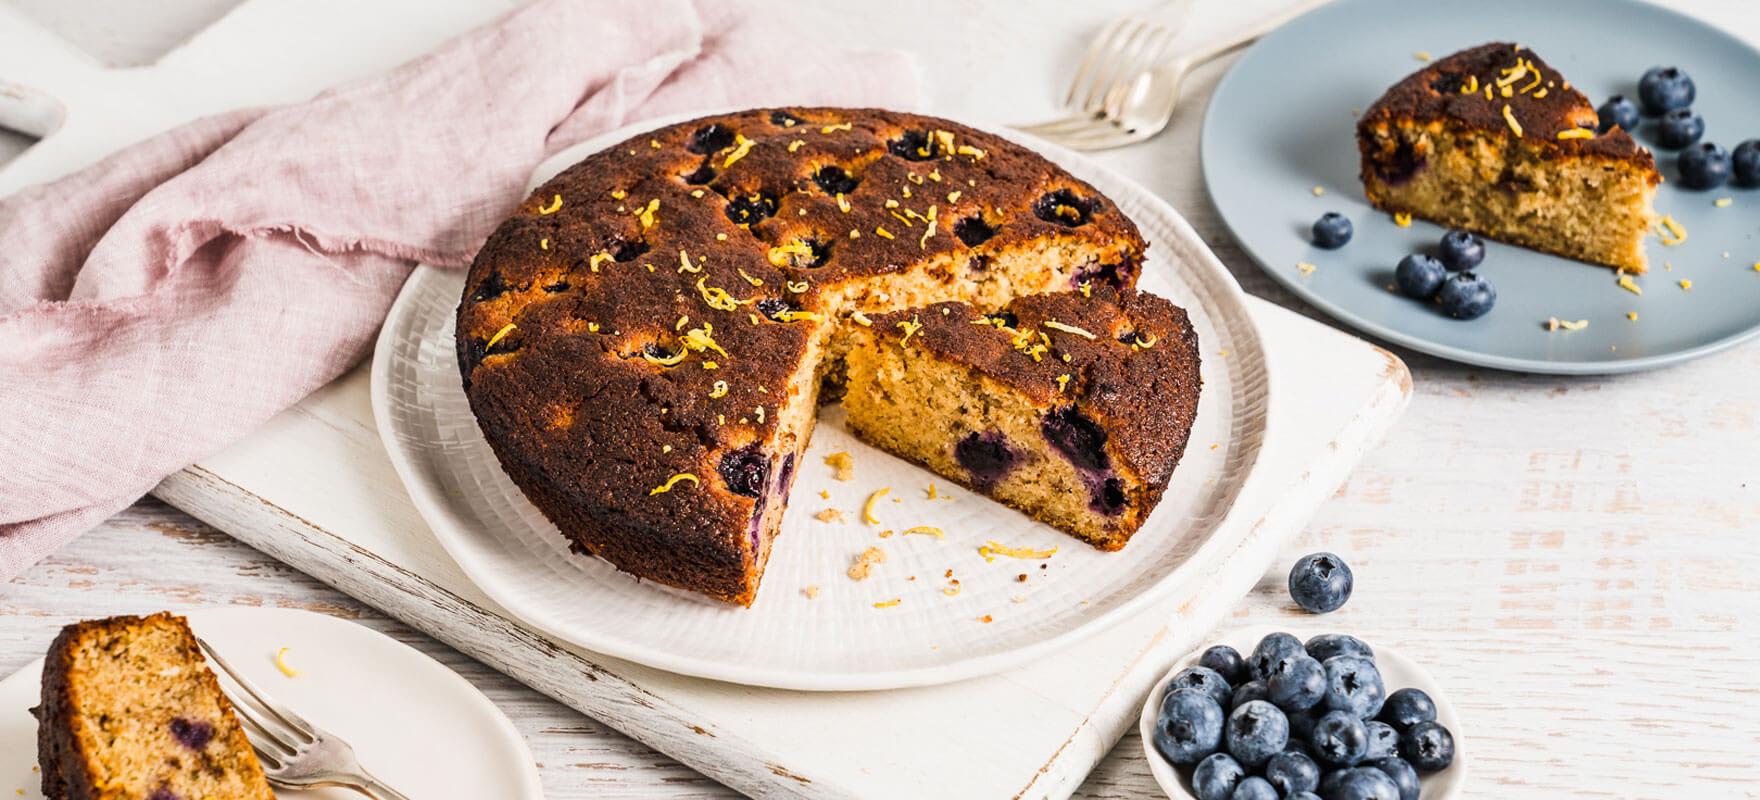 Gluten free berry yoghurt cake image 1